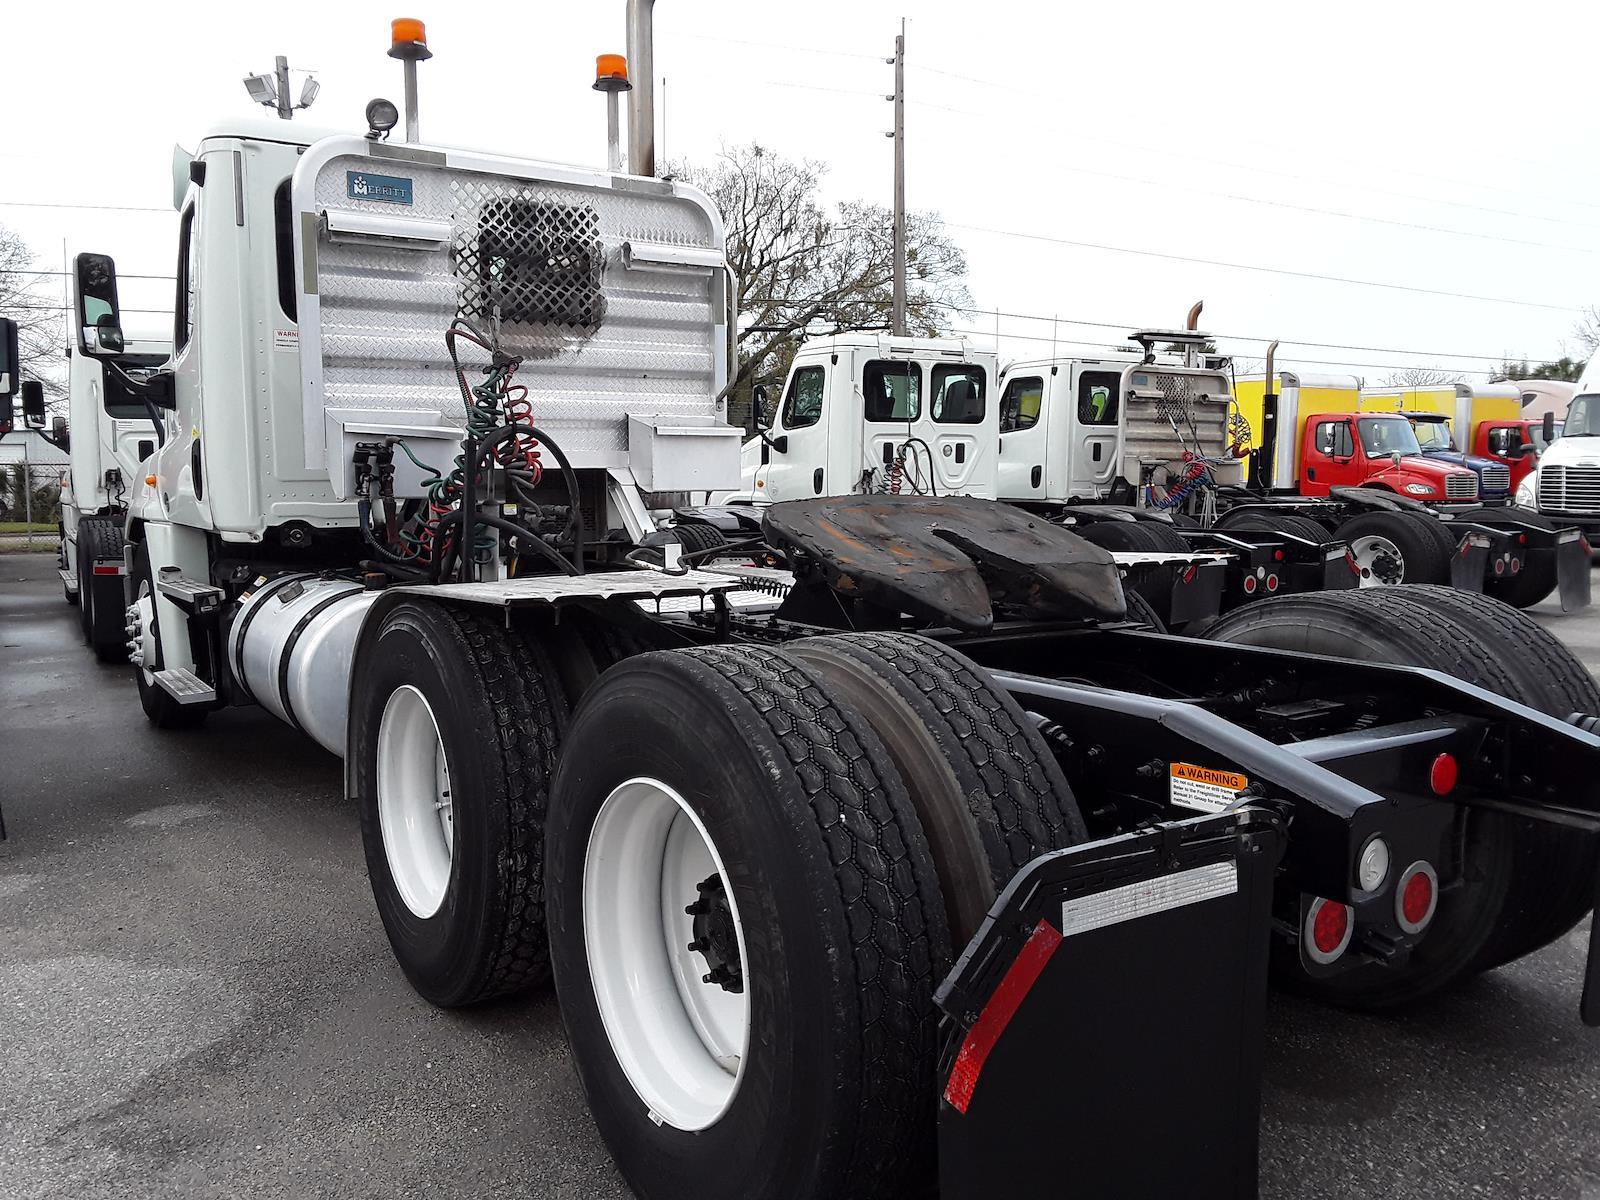 2014 Freightliner Truck 6x4, Tractor #542042 - photo 1